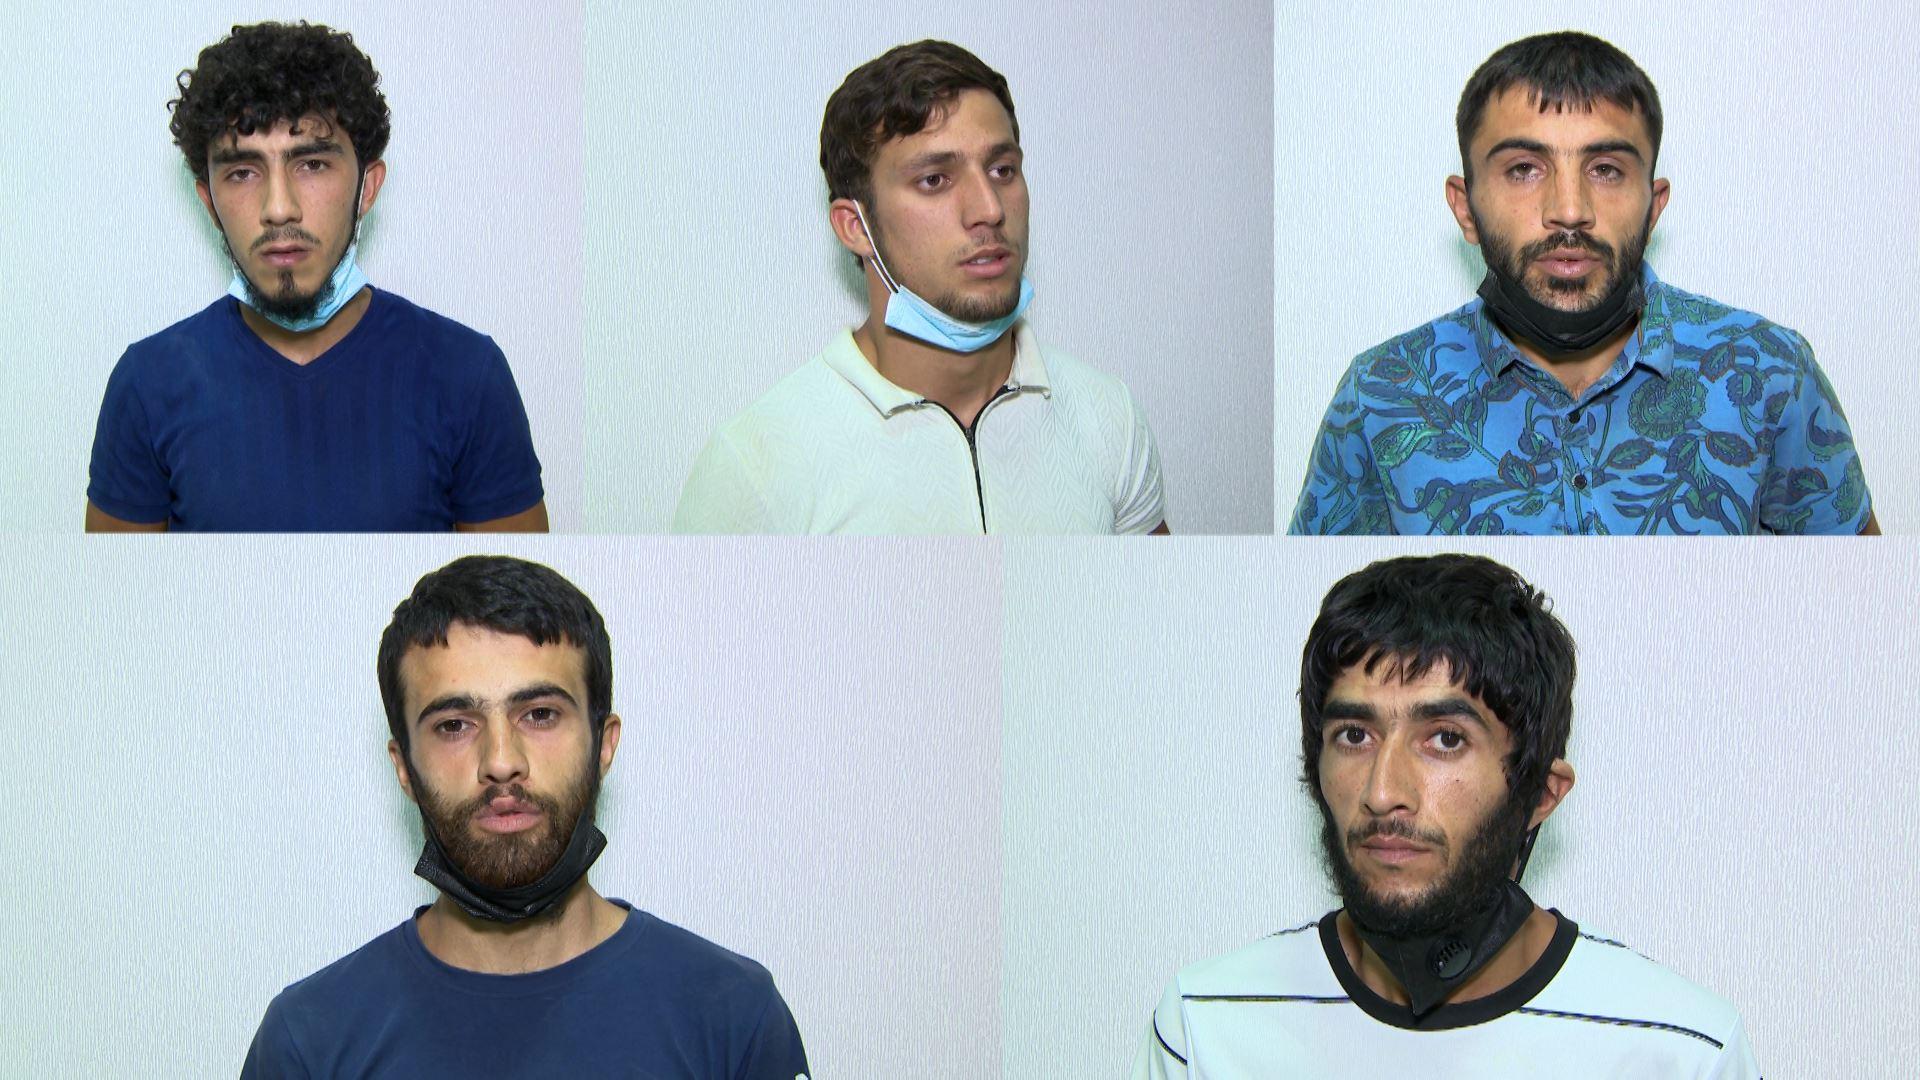 """Bakıda """"tiryəkxana"""" aşkar edildi, 5 nəfər saxlanıldı - VİDEO"""